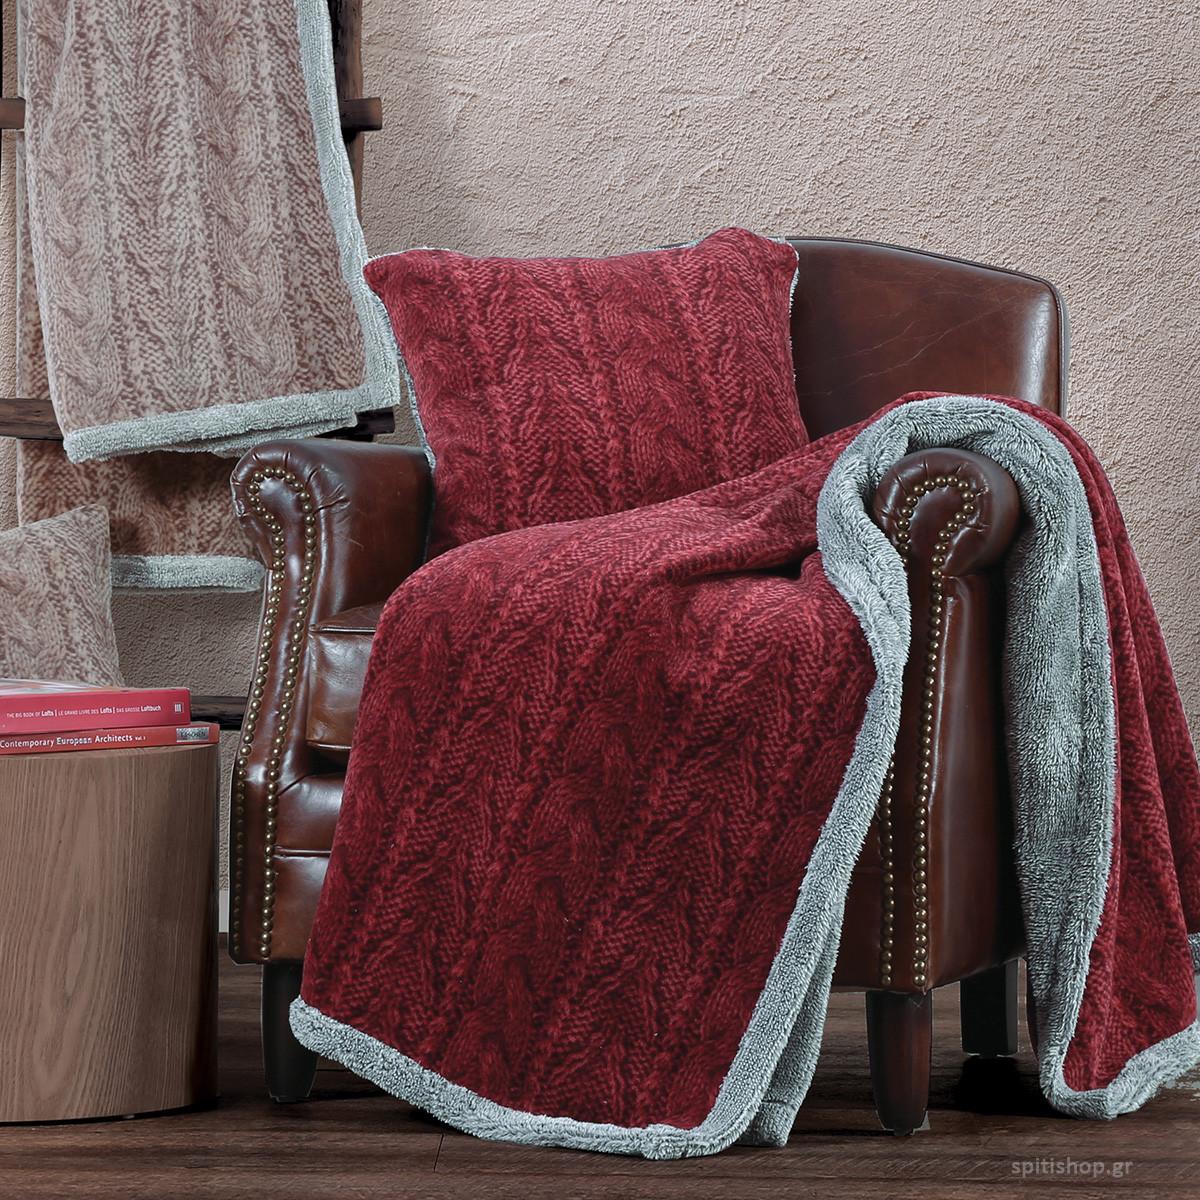 Κουβέρτα Καναπέ Nef-Nef Knitty Bordo